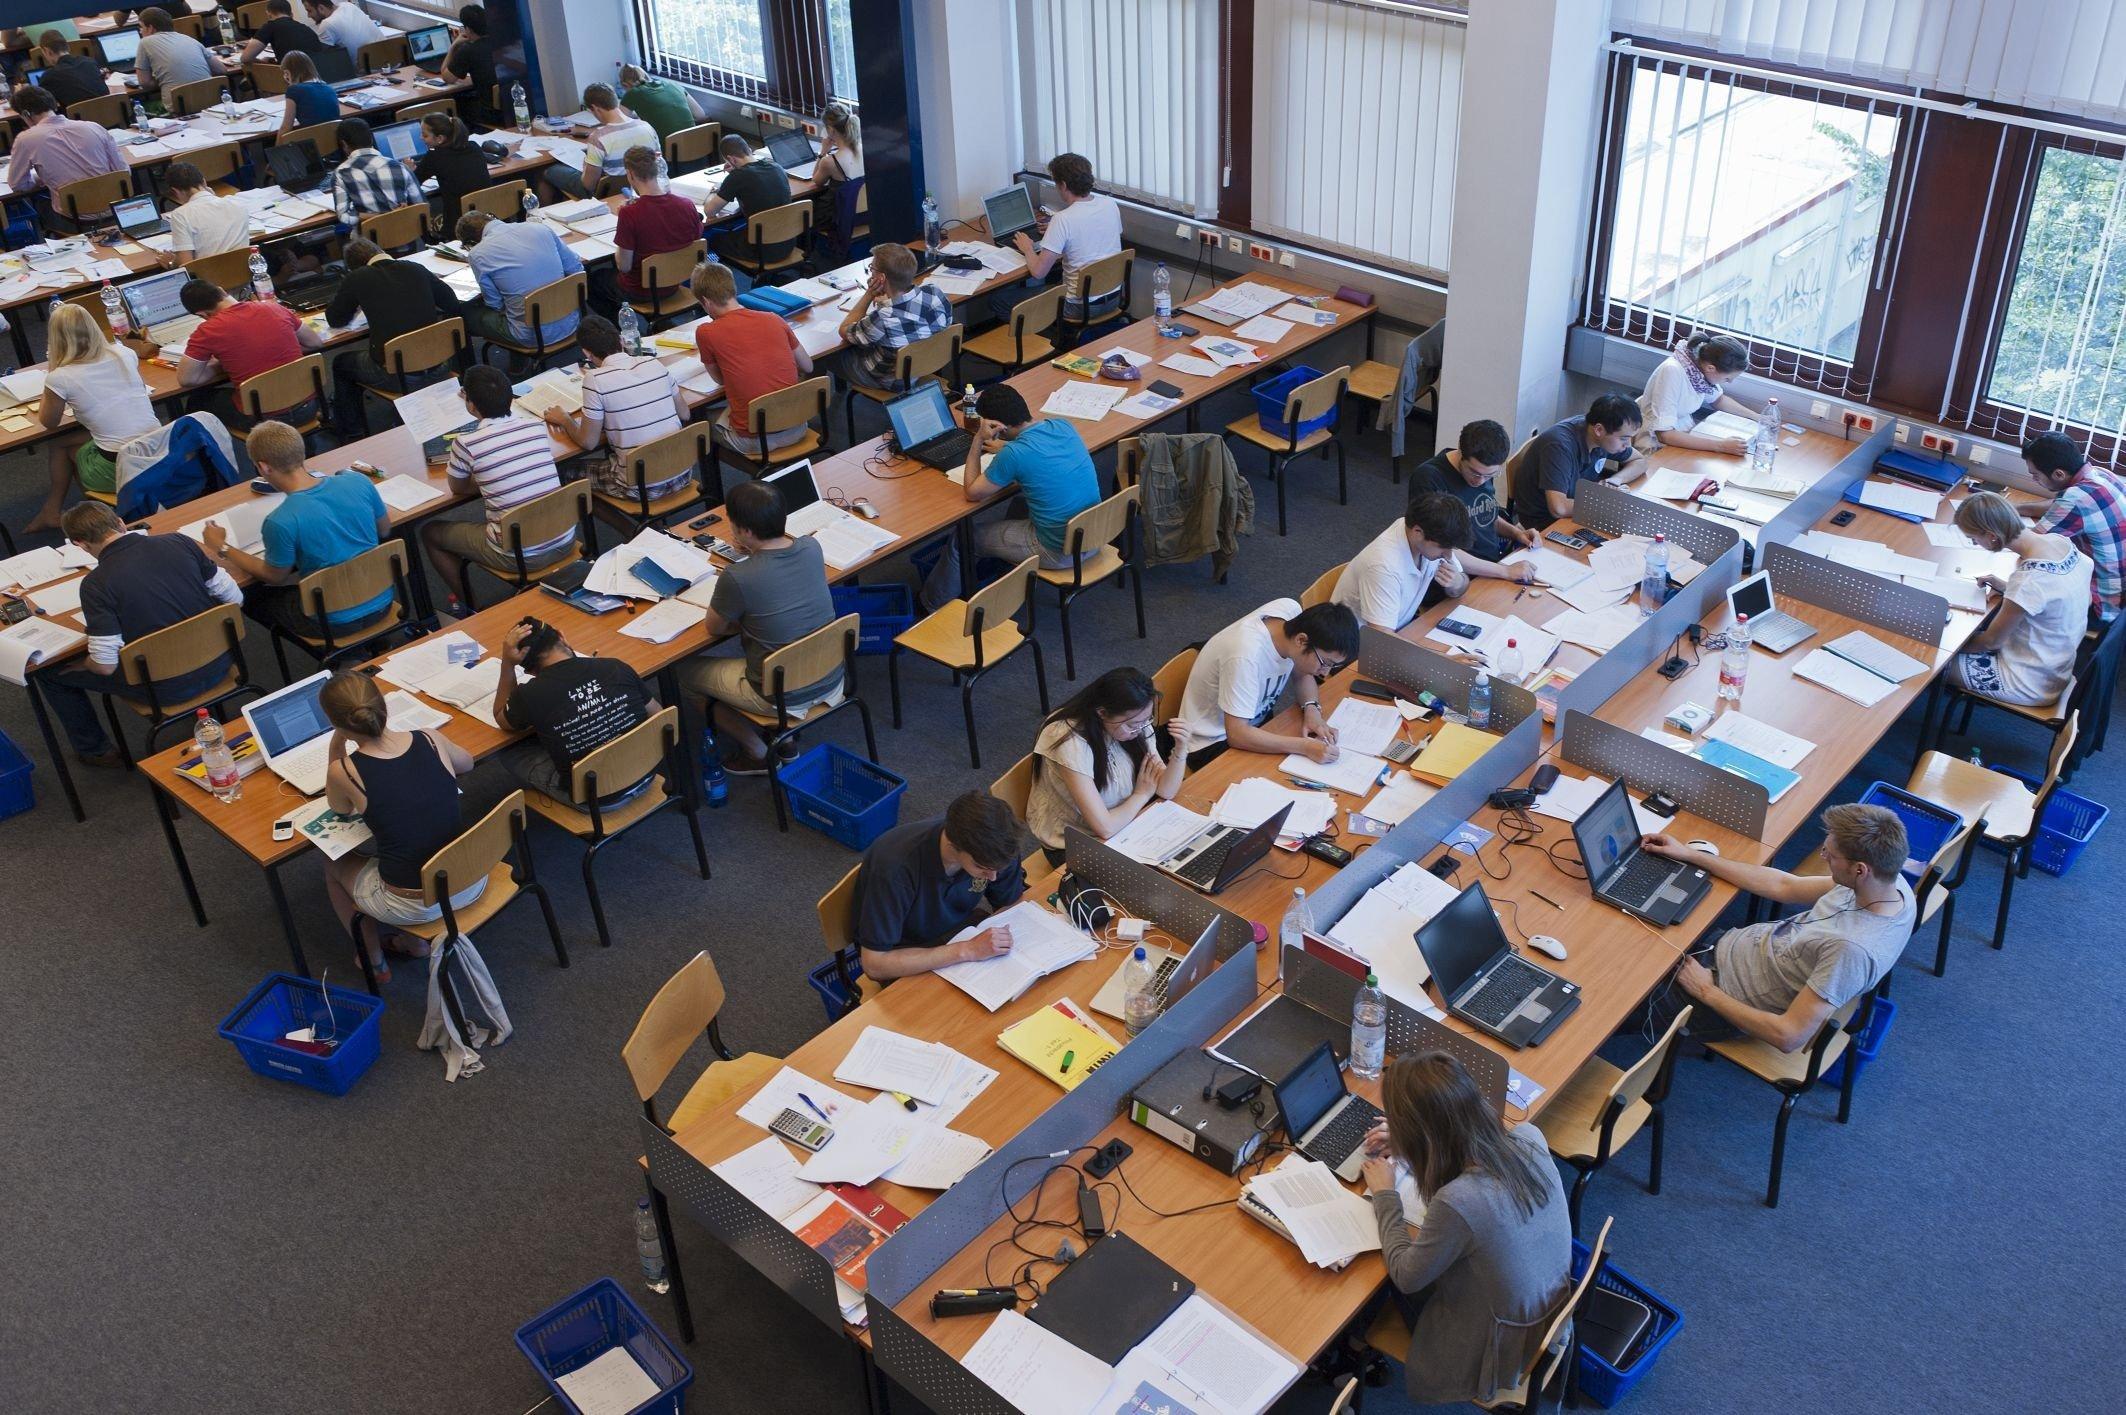 Studierende in der Hochschulbibliothek.